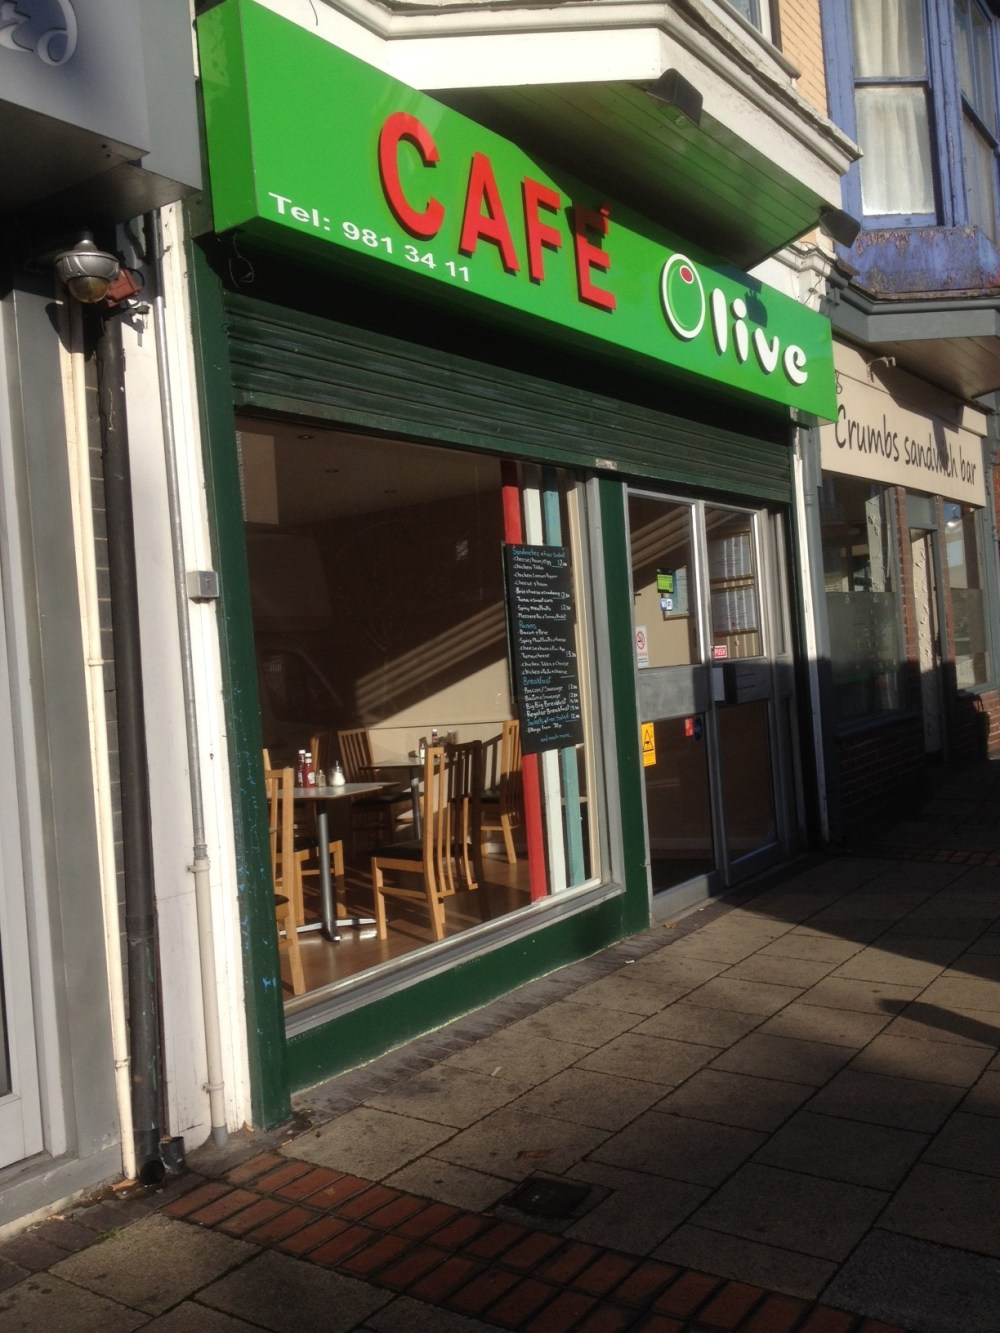 Cafe Olive